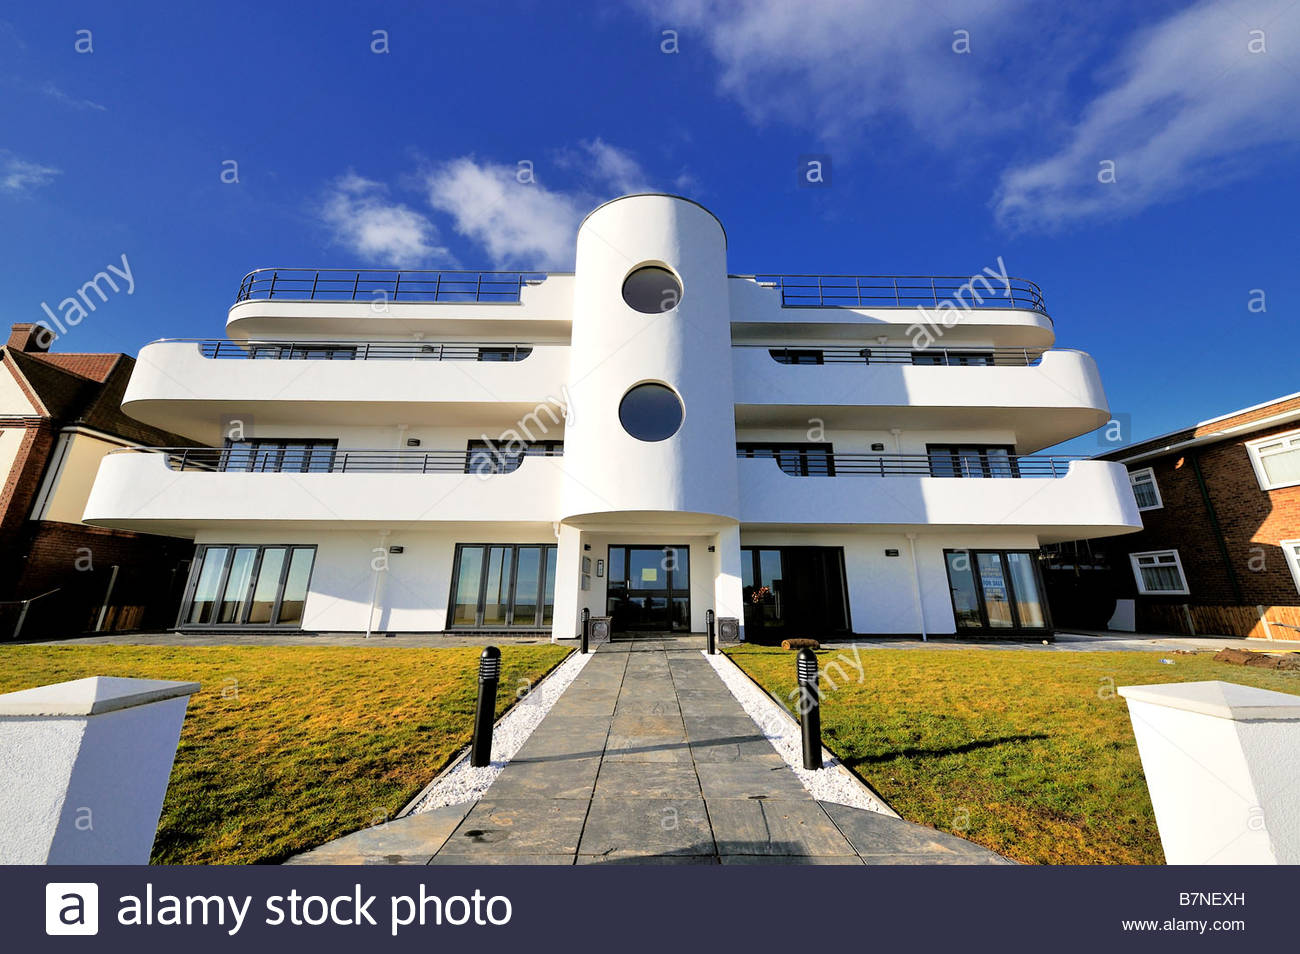 Um novo bloco de apartamentos em Frinton-on-Sea construído em estilo Art Deco Imagens de Stock